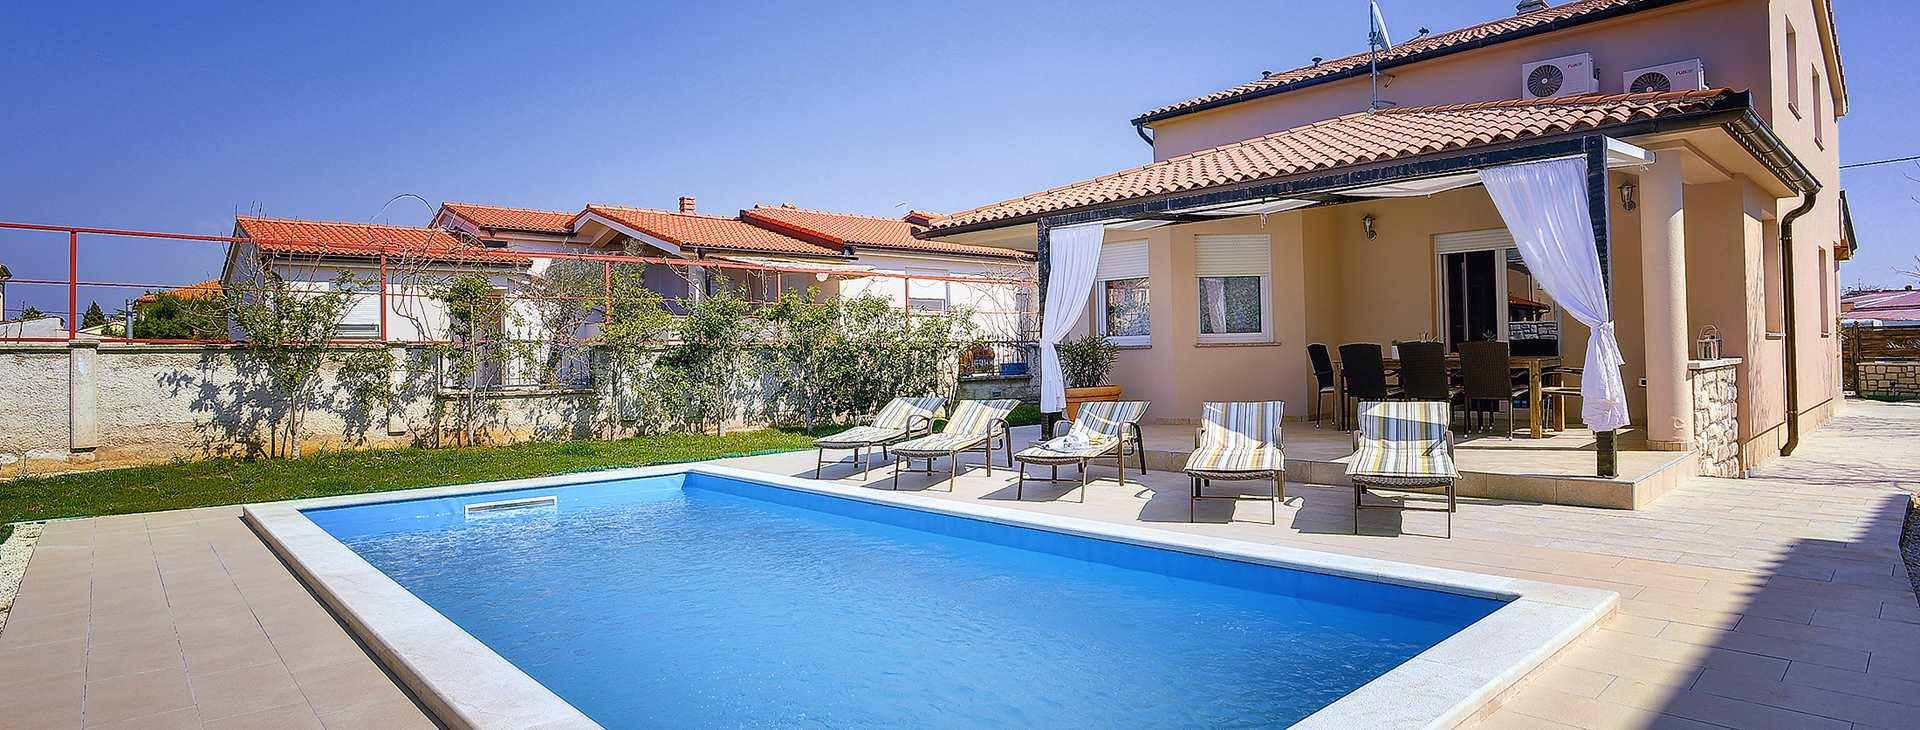 Villa Rudy